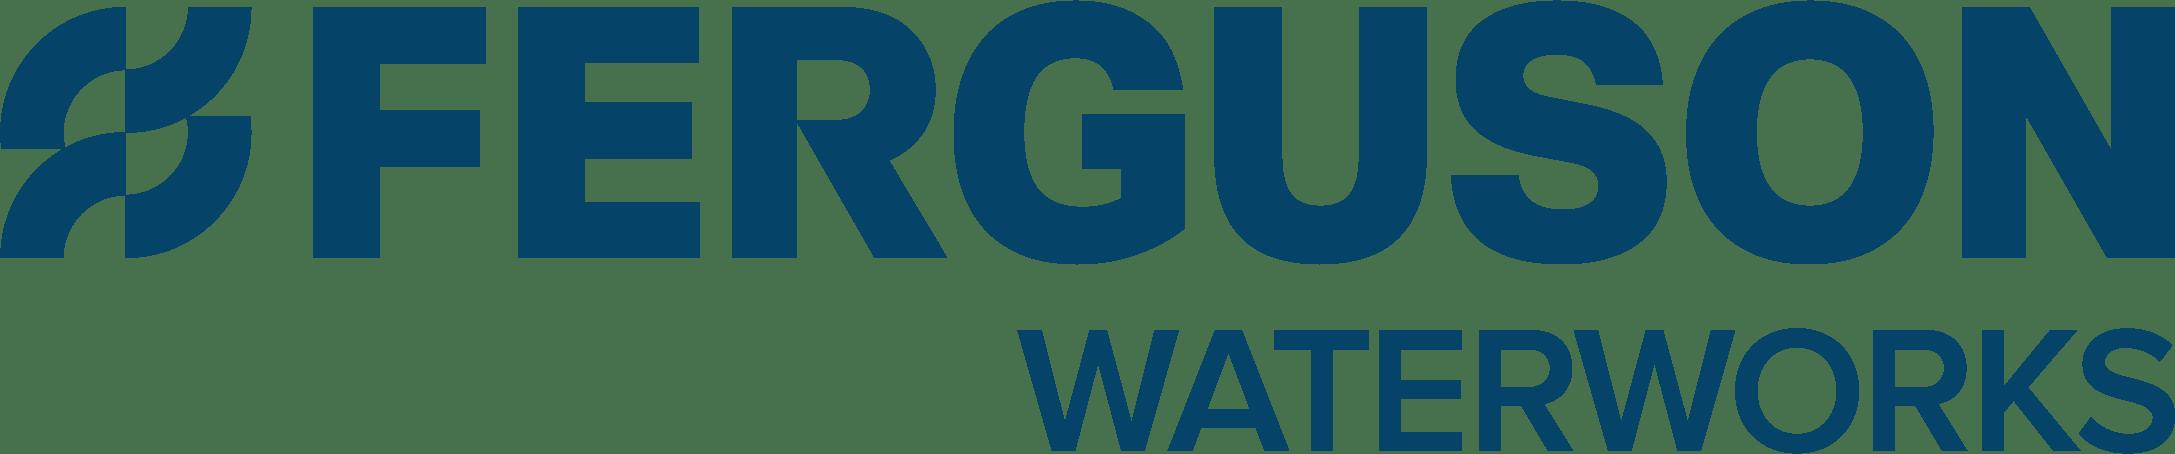 Ferguson-Waterworks_PMS2188 (2)